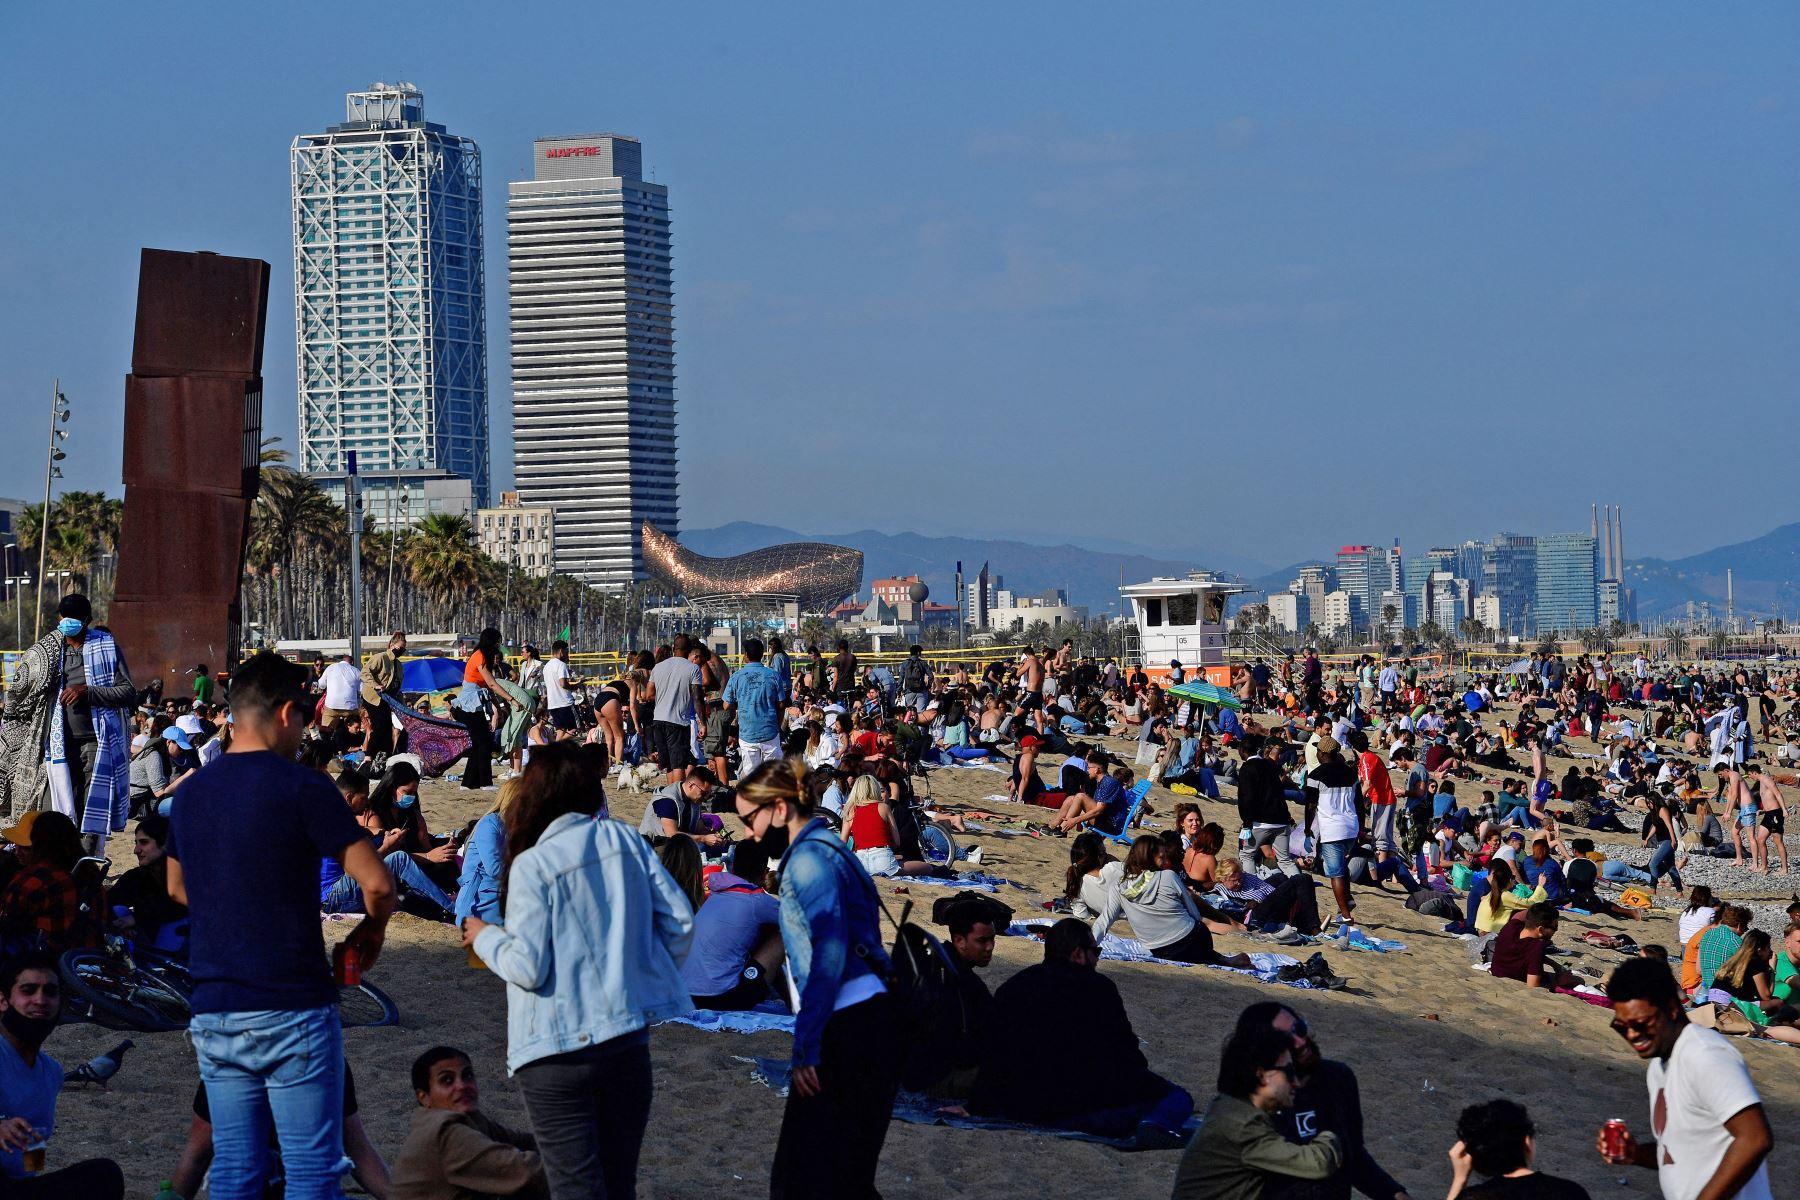 Un gran número de personas disfruta de un día en la playa de la Barceloneta, en Barcelona, el 3 de abril de 2021. Foto: AFP